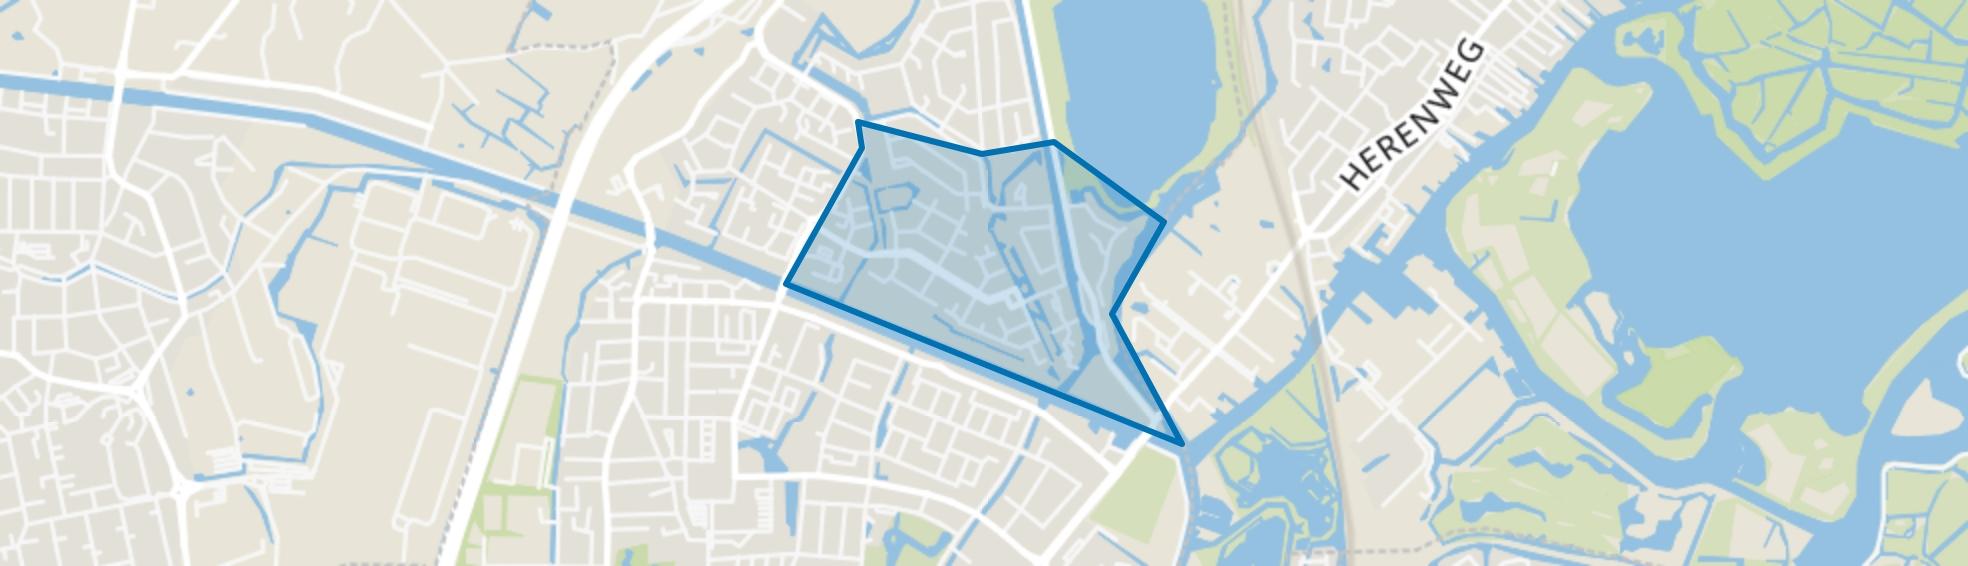 Haaswijk-Oost, Oegstgeest map